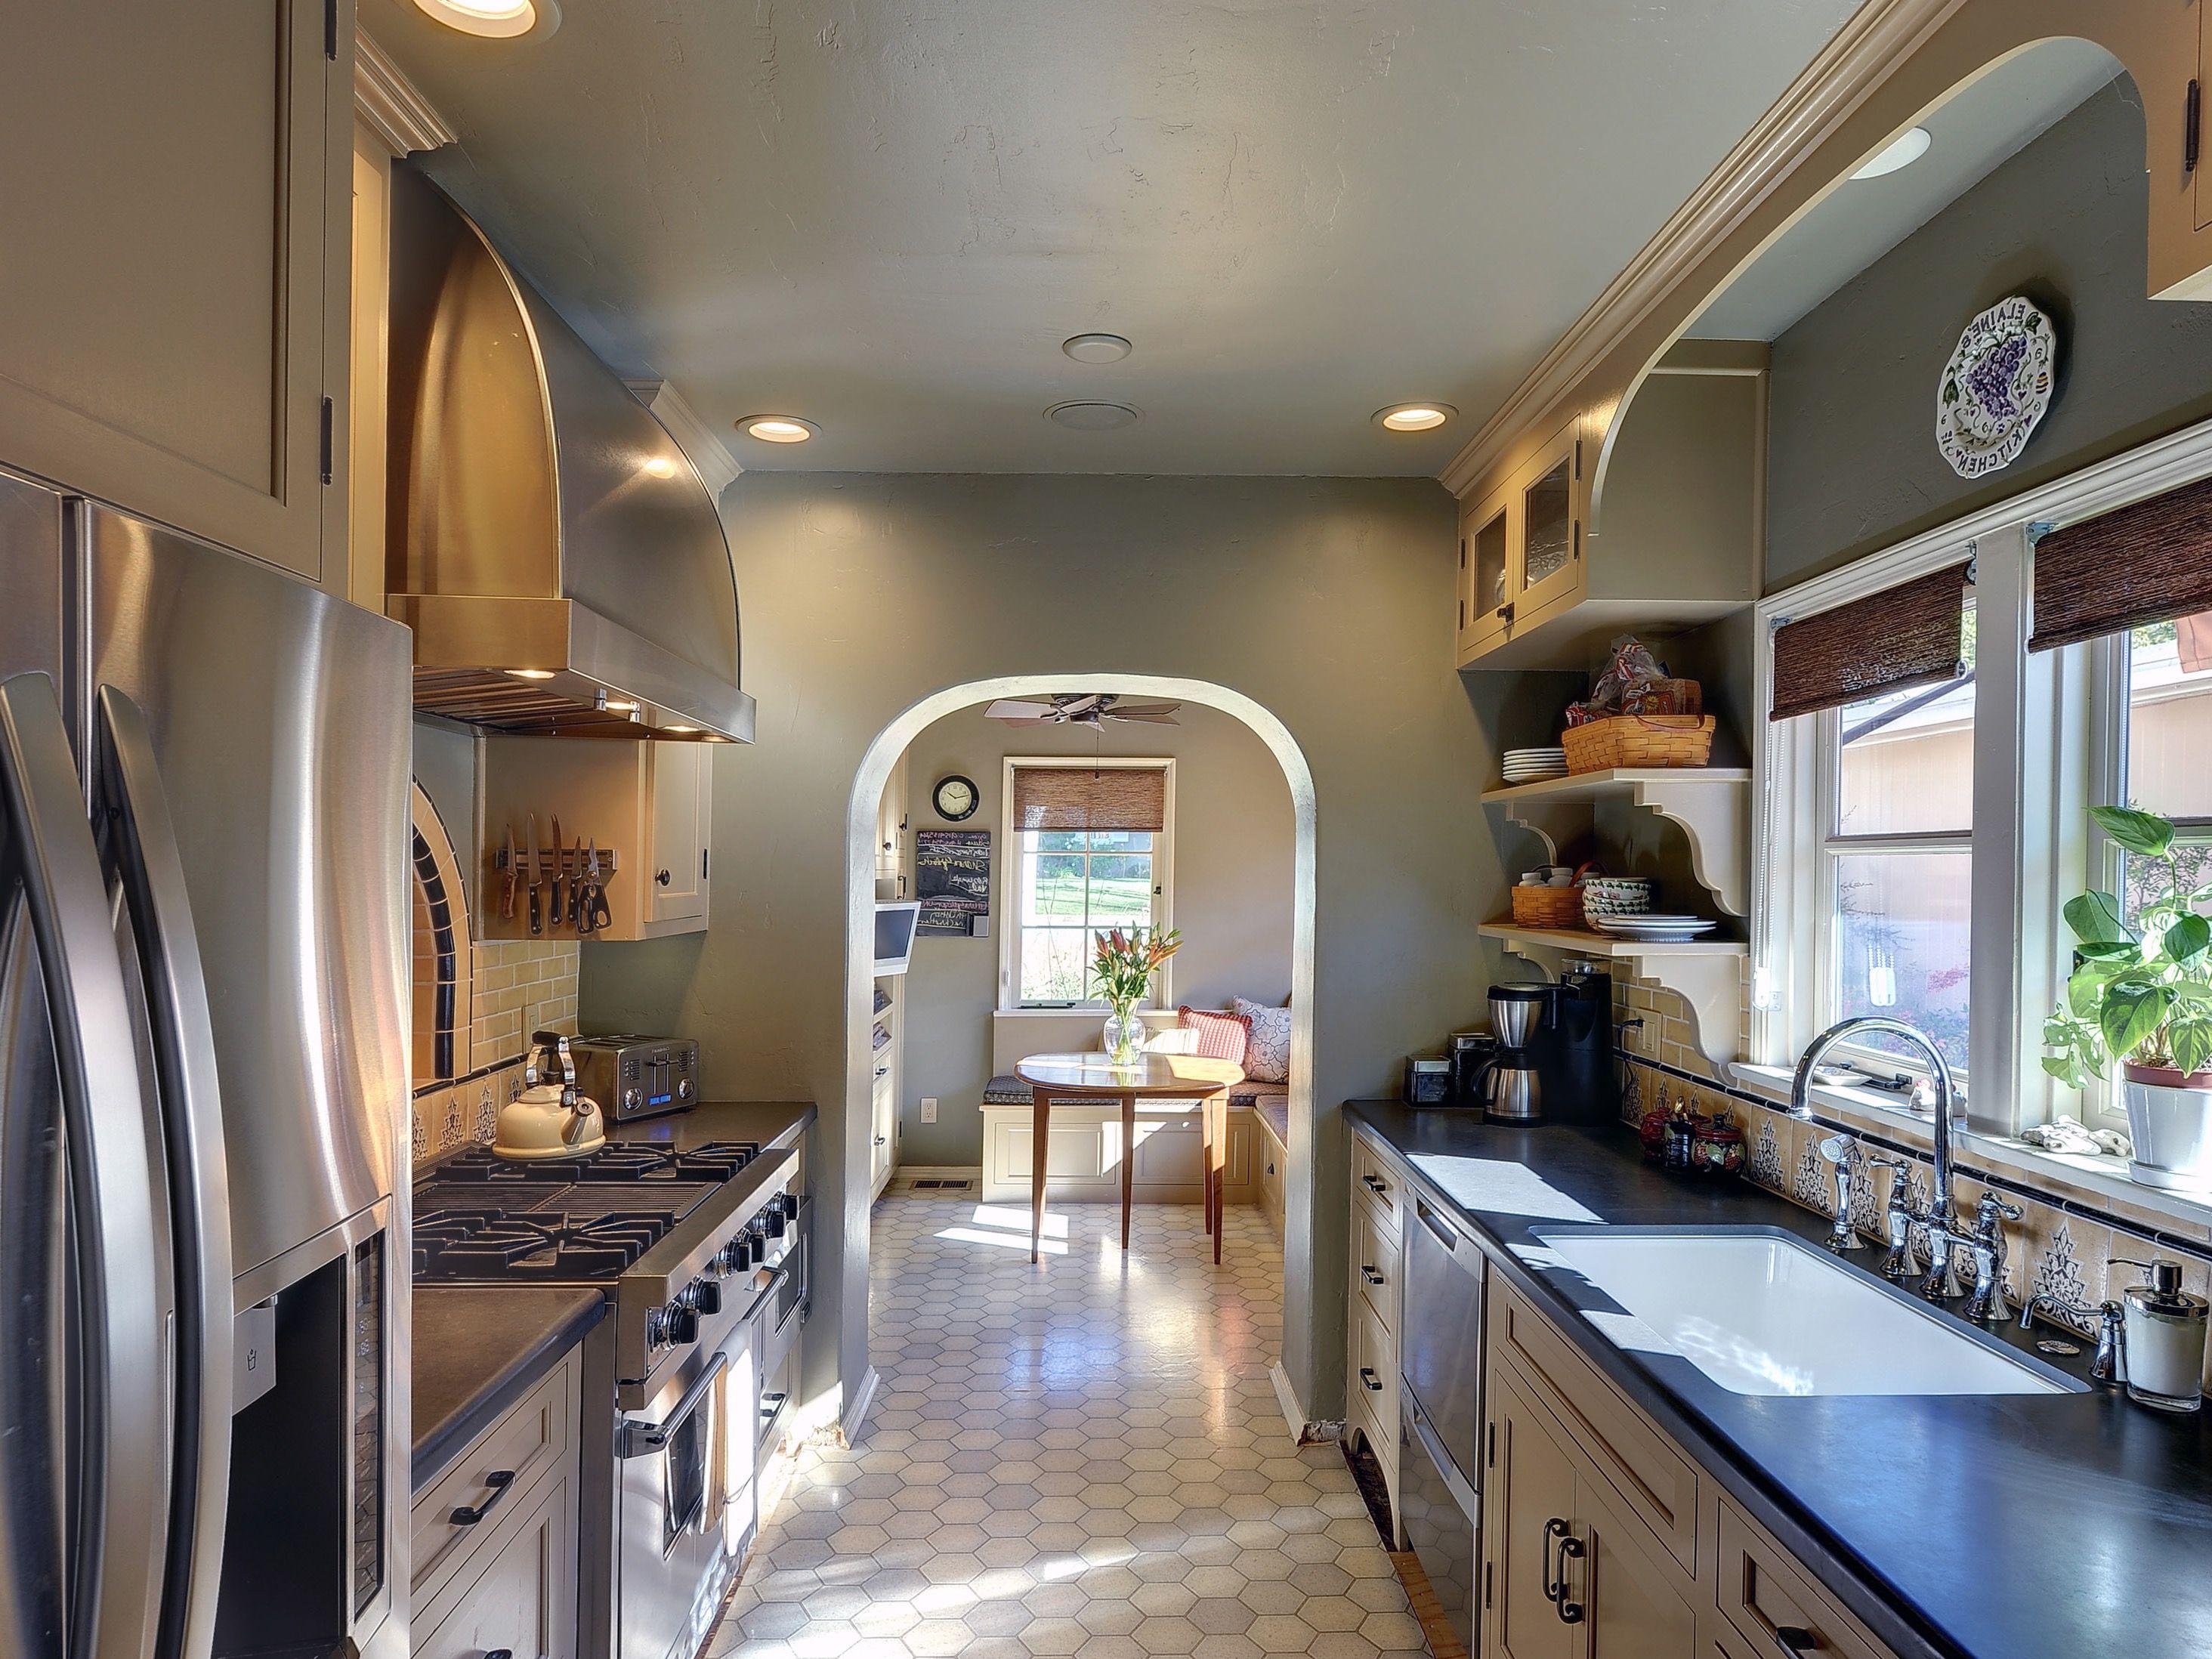 10 Küche Design Ideen für Lange, Schmale Zimmer | Küchen | Pinterest